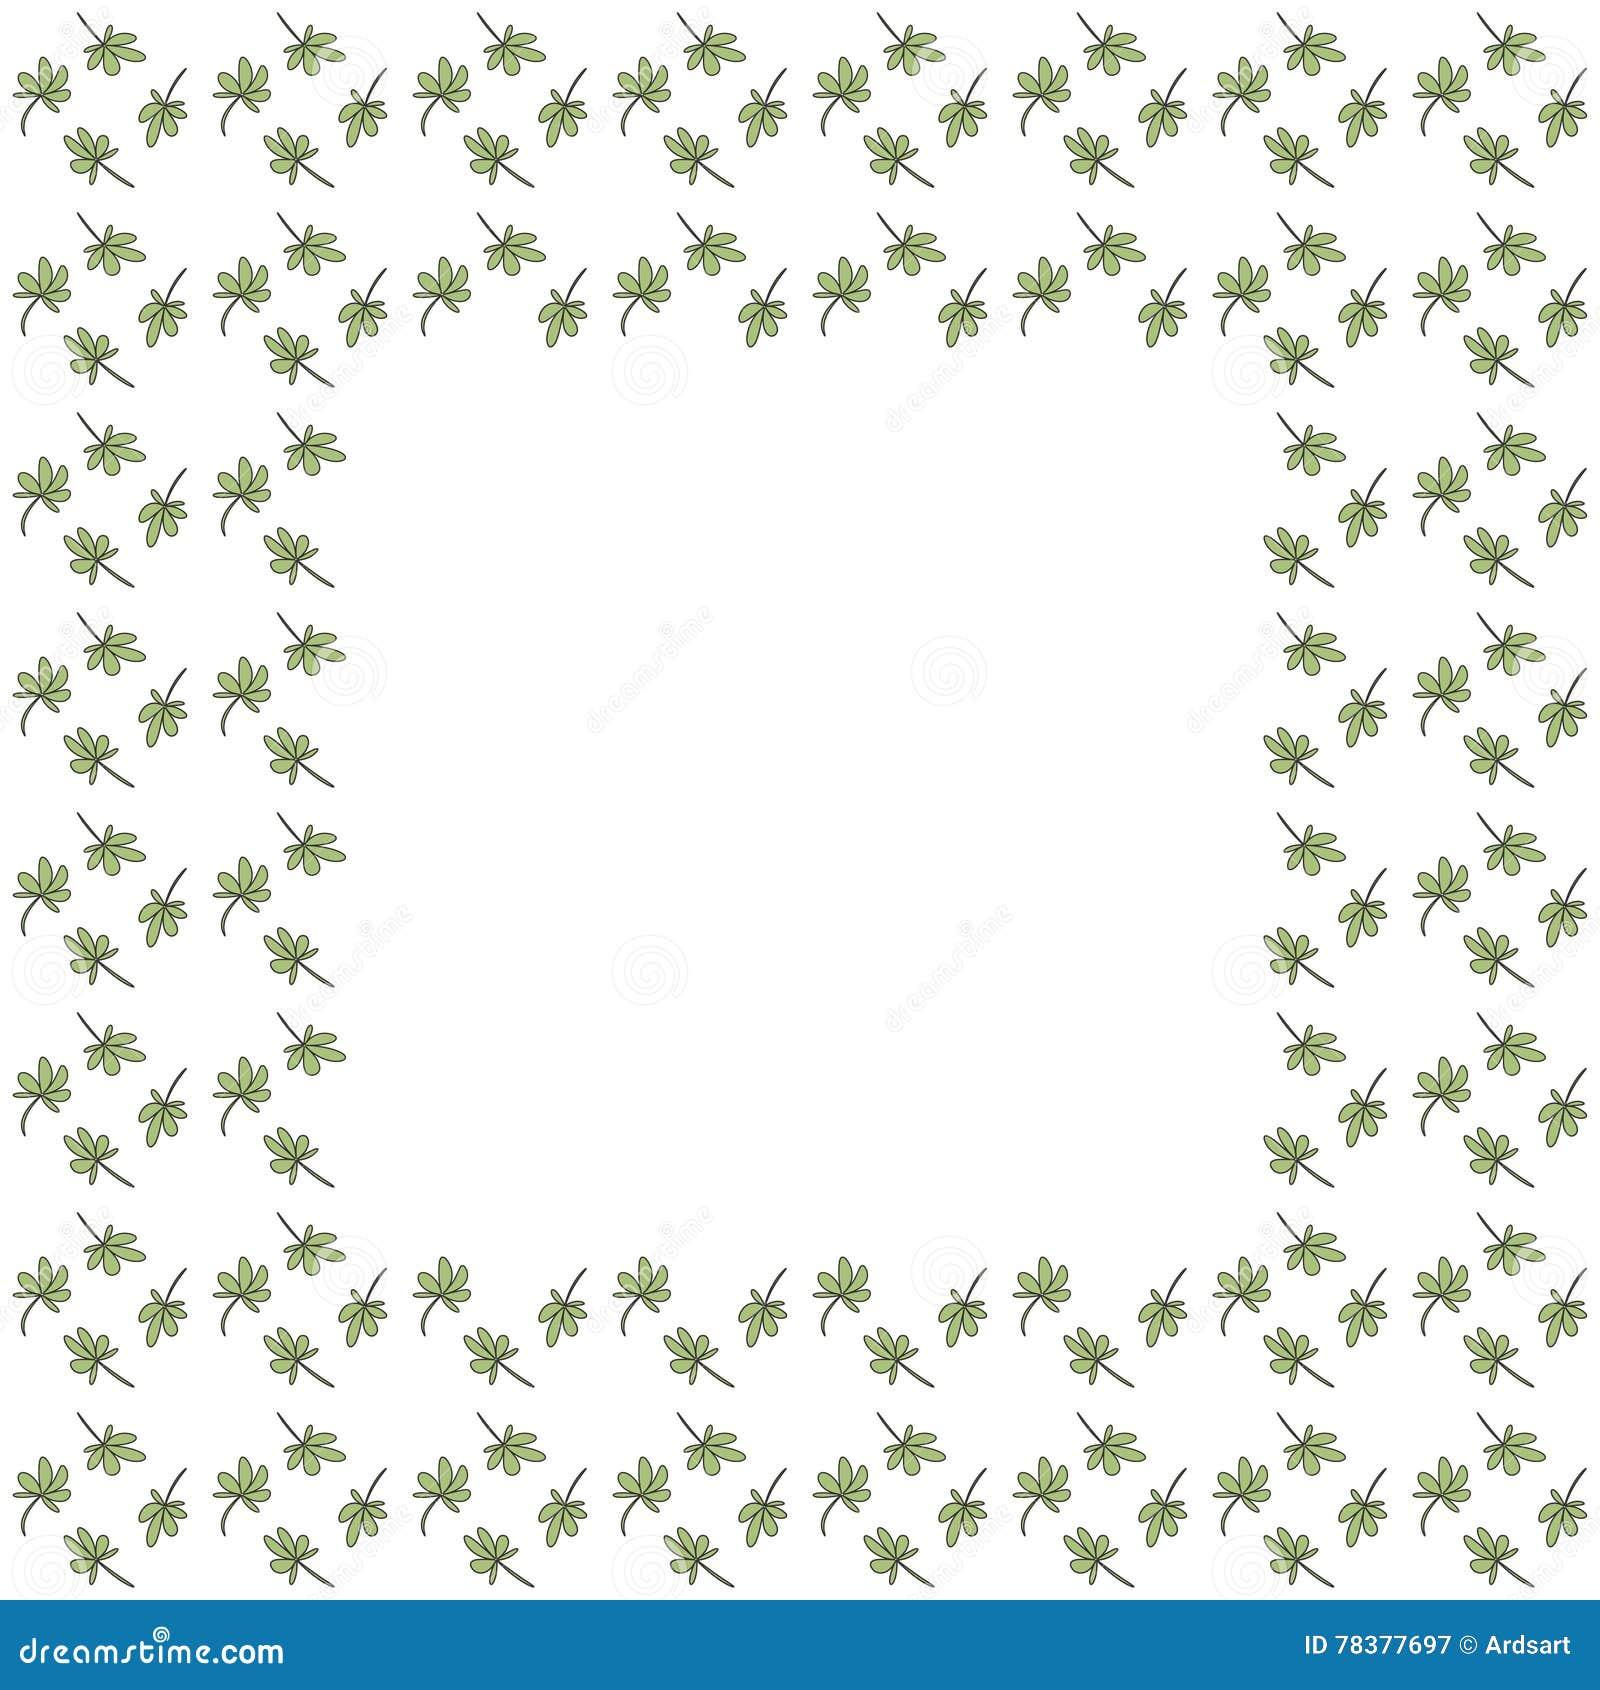 与叶子栅格的逗人喜爱的背景边界框架